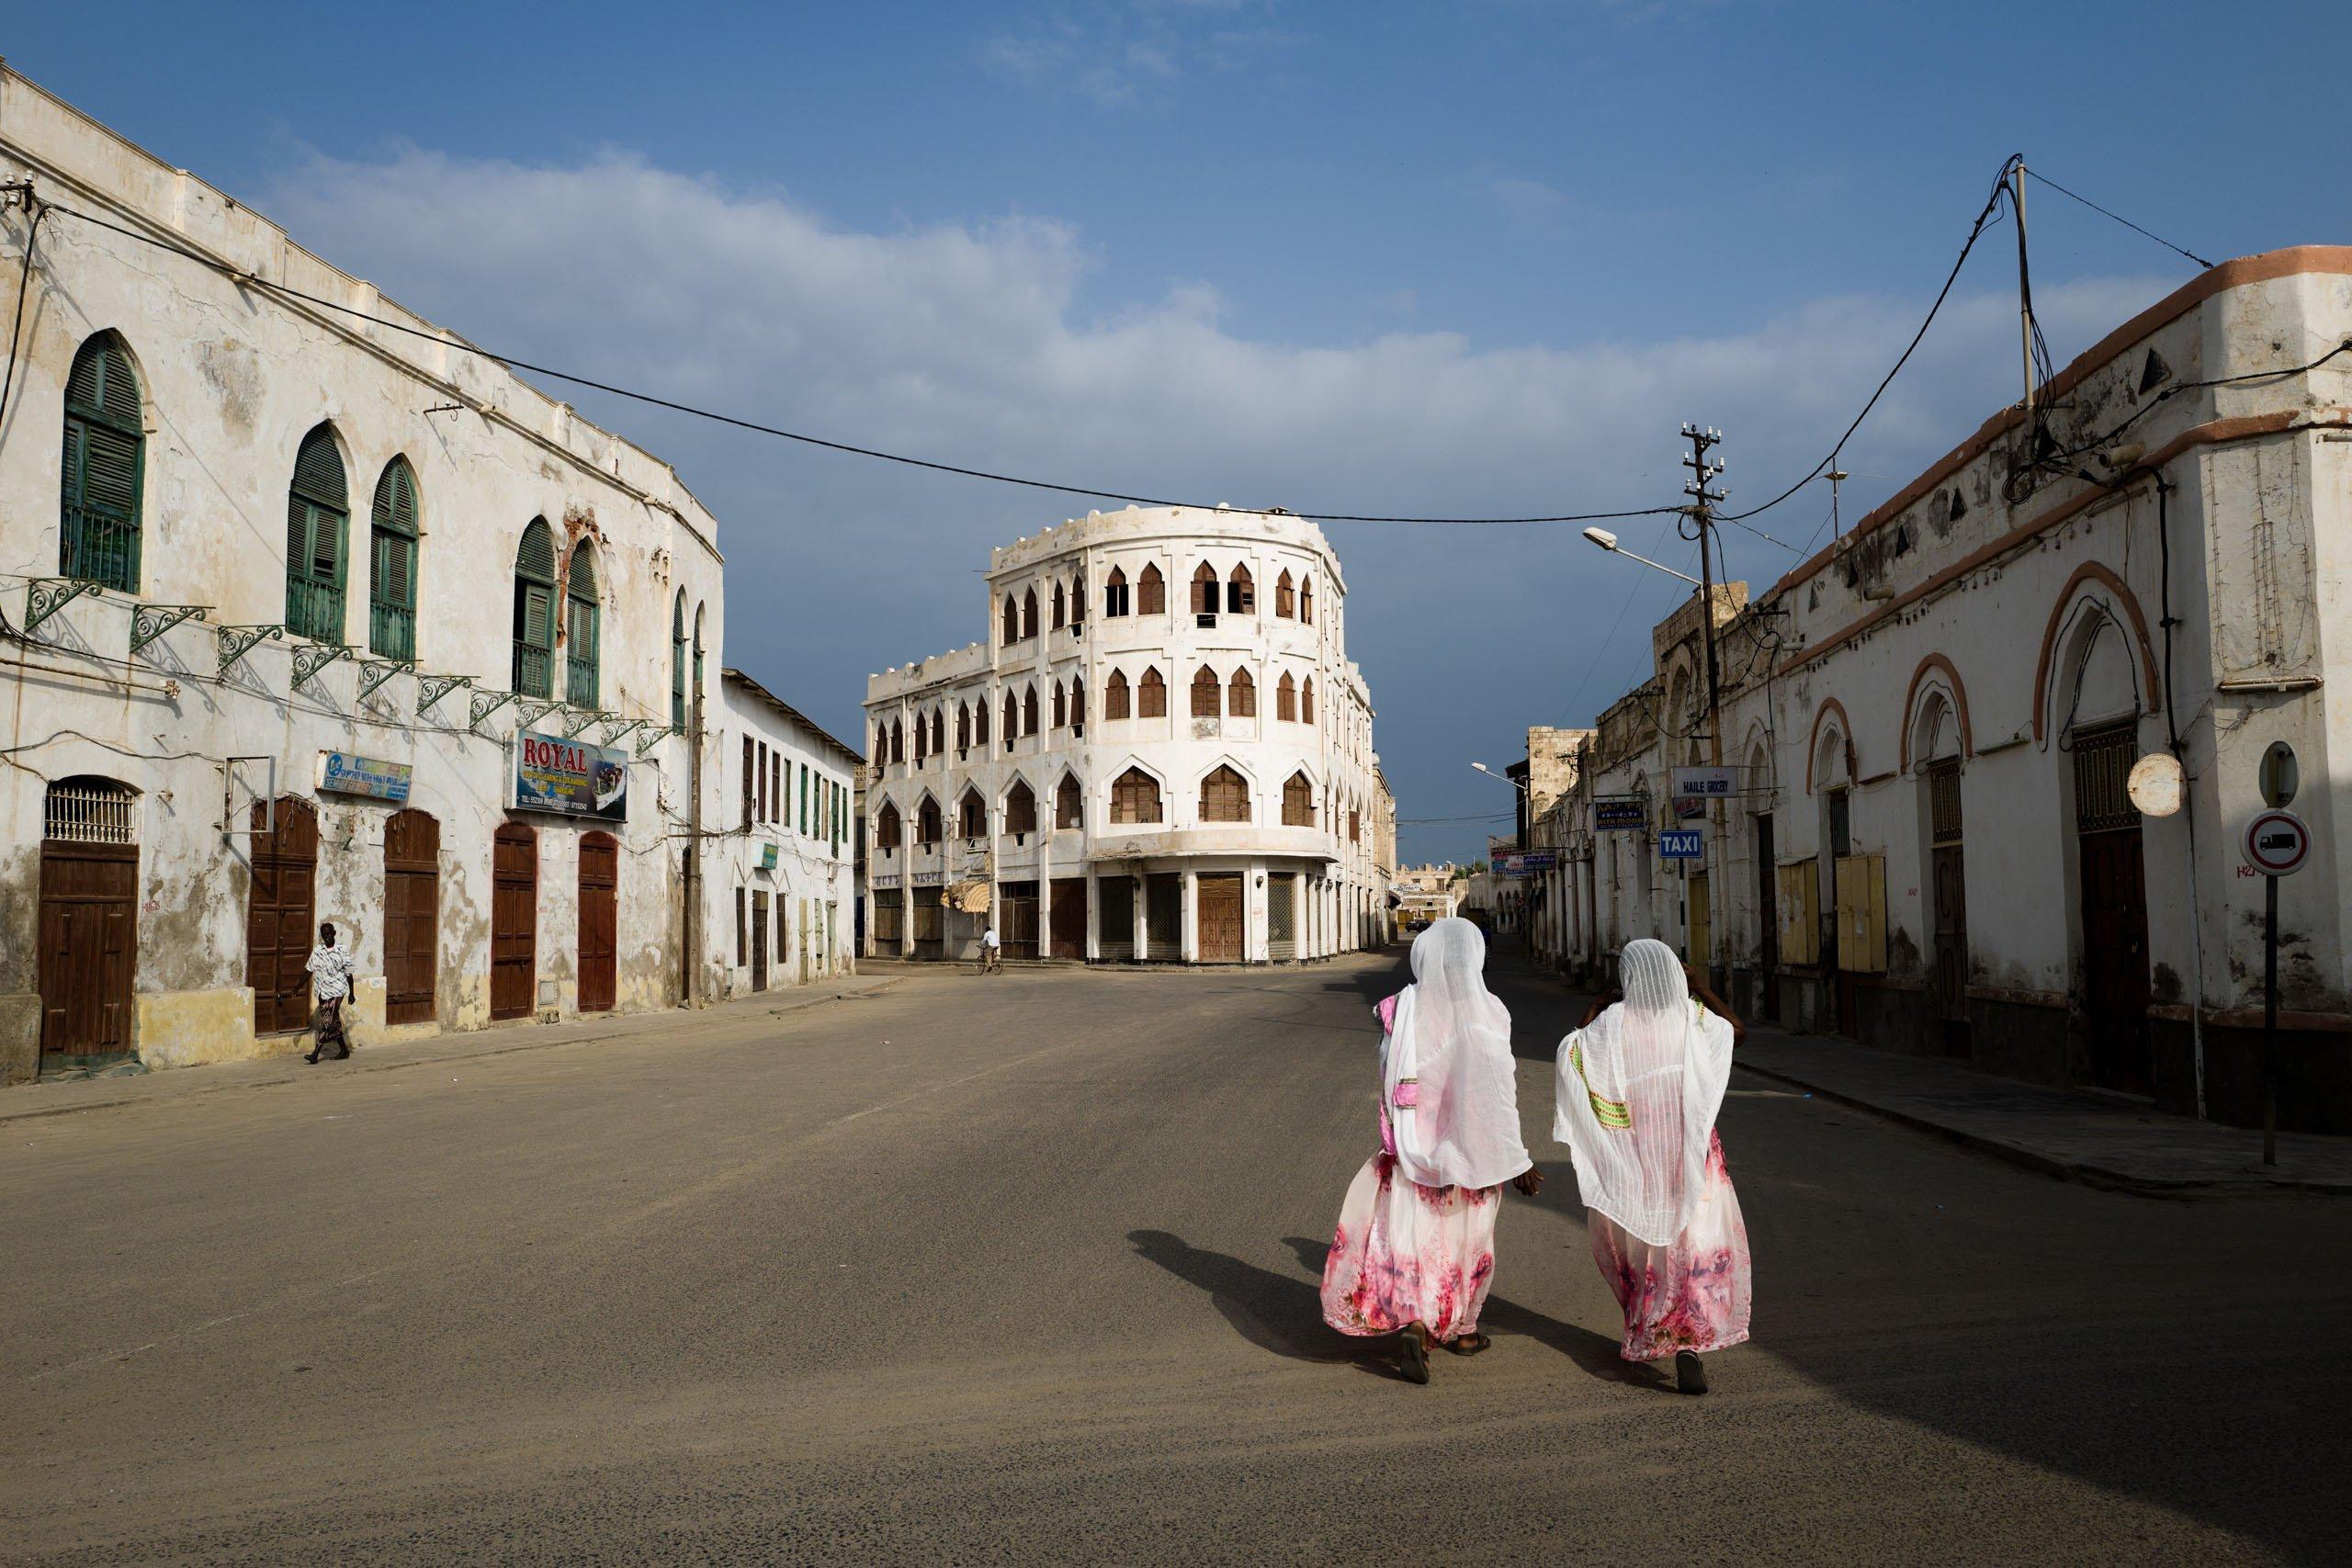 Creştini arestaţi în timpul unei descinderi a politiei la o biserică din Eritreea